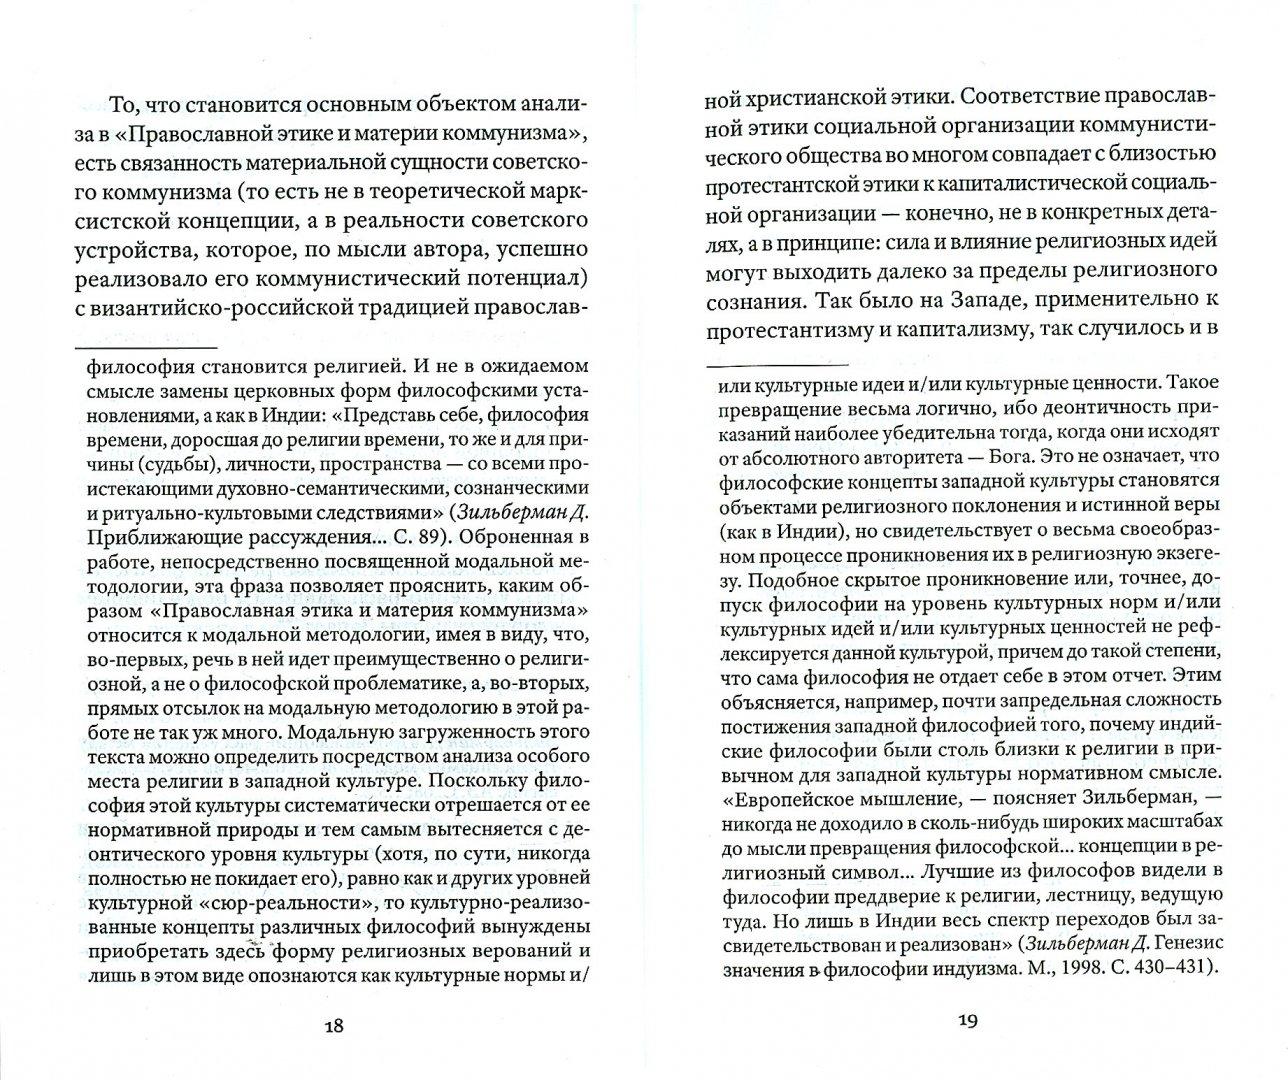 Иллюстрация 1 из 6 для Православная этика и материя коммунизма - Зильберман, Юдина | Лабиринт - книги. Источник: Лабиринт